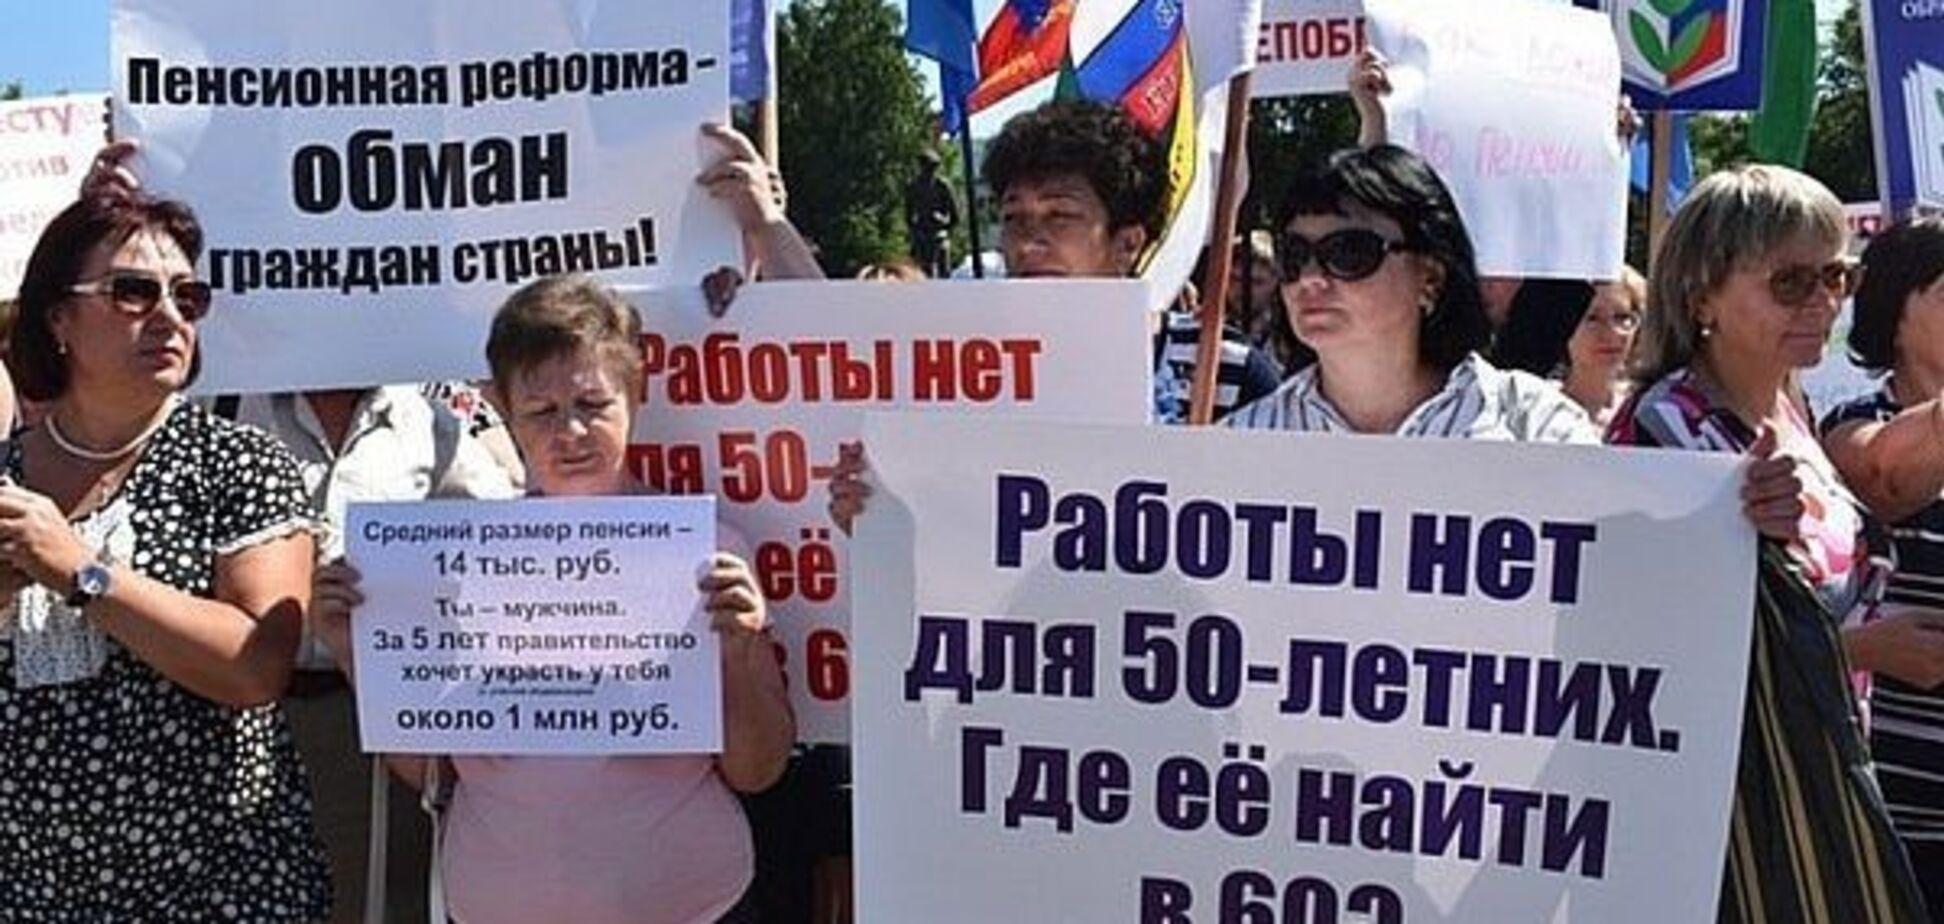 Реформа лишь предлог: стала известна настоящая причина протестов в России